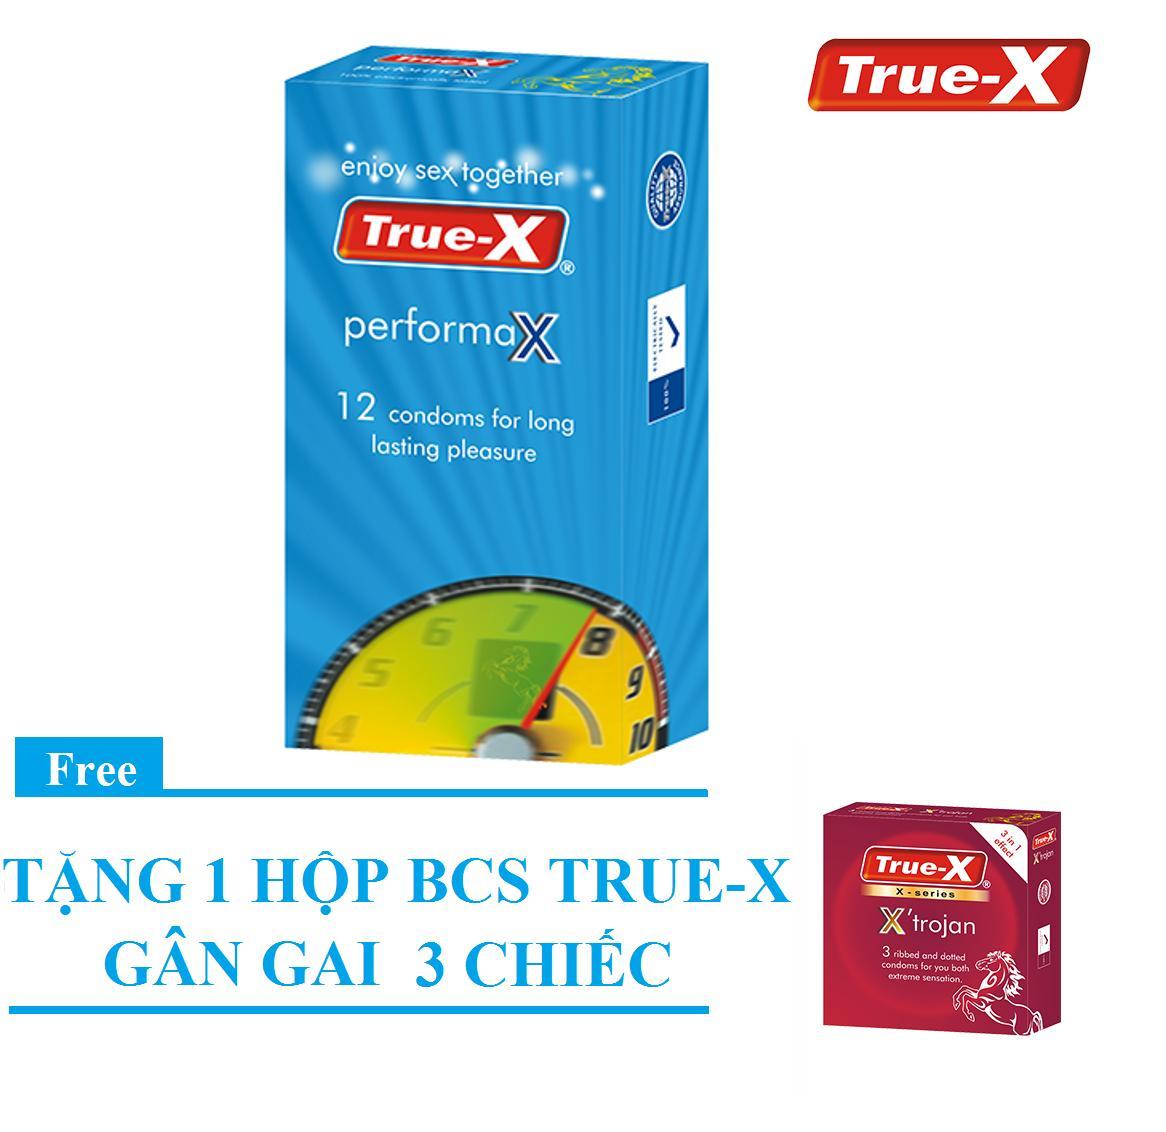 Bộ 1 hộp Bao cao su kéo dài thời gian True-X PerformaX Extra time tặng 1 hộp gân gai XTrojan (15 chiếc)